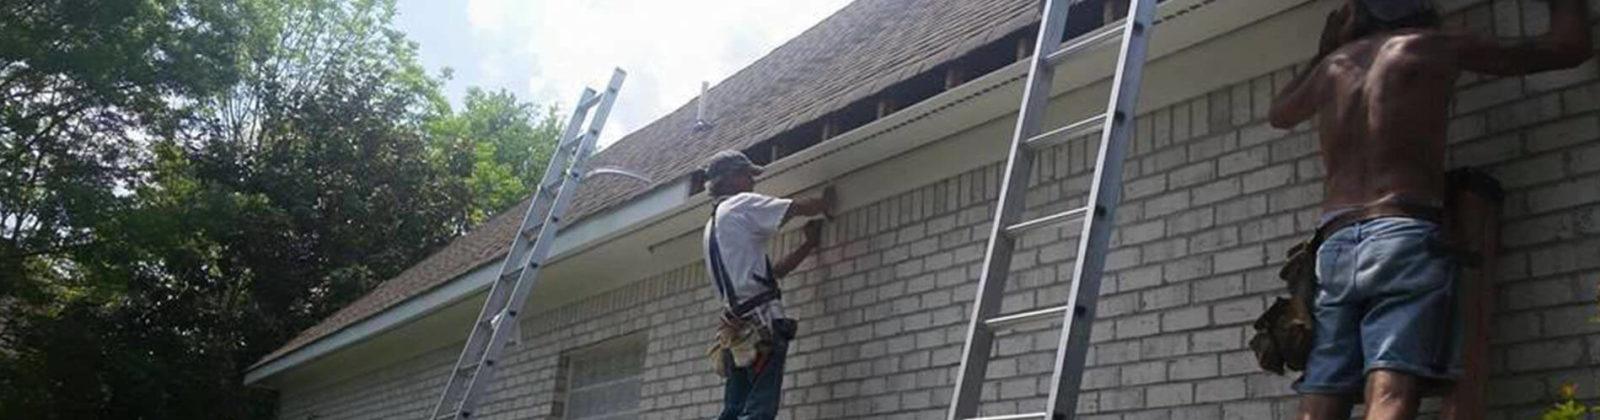 home repair hampton va